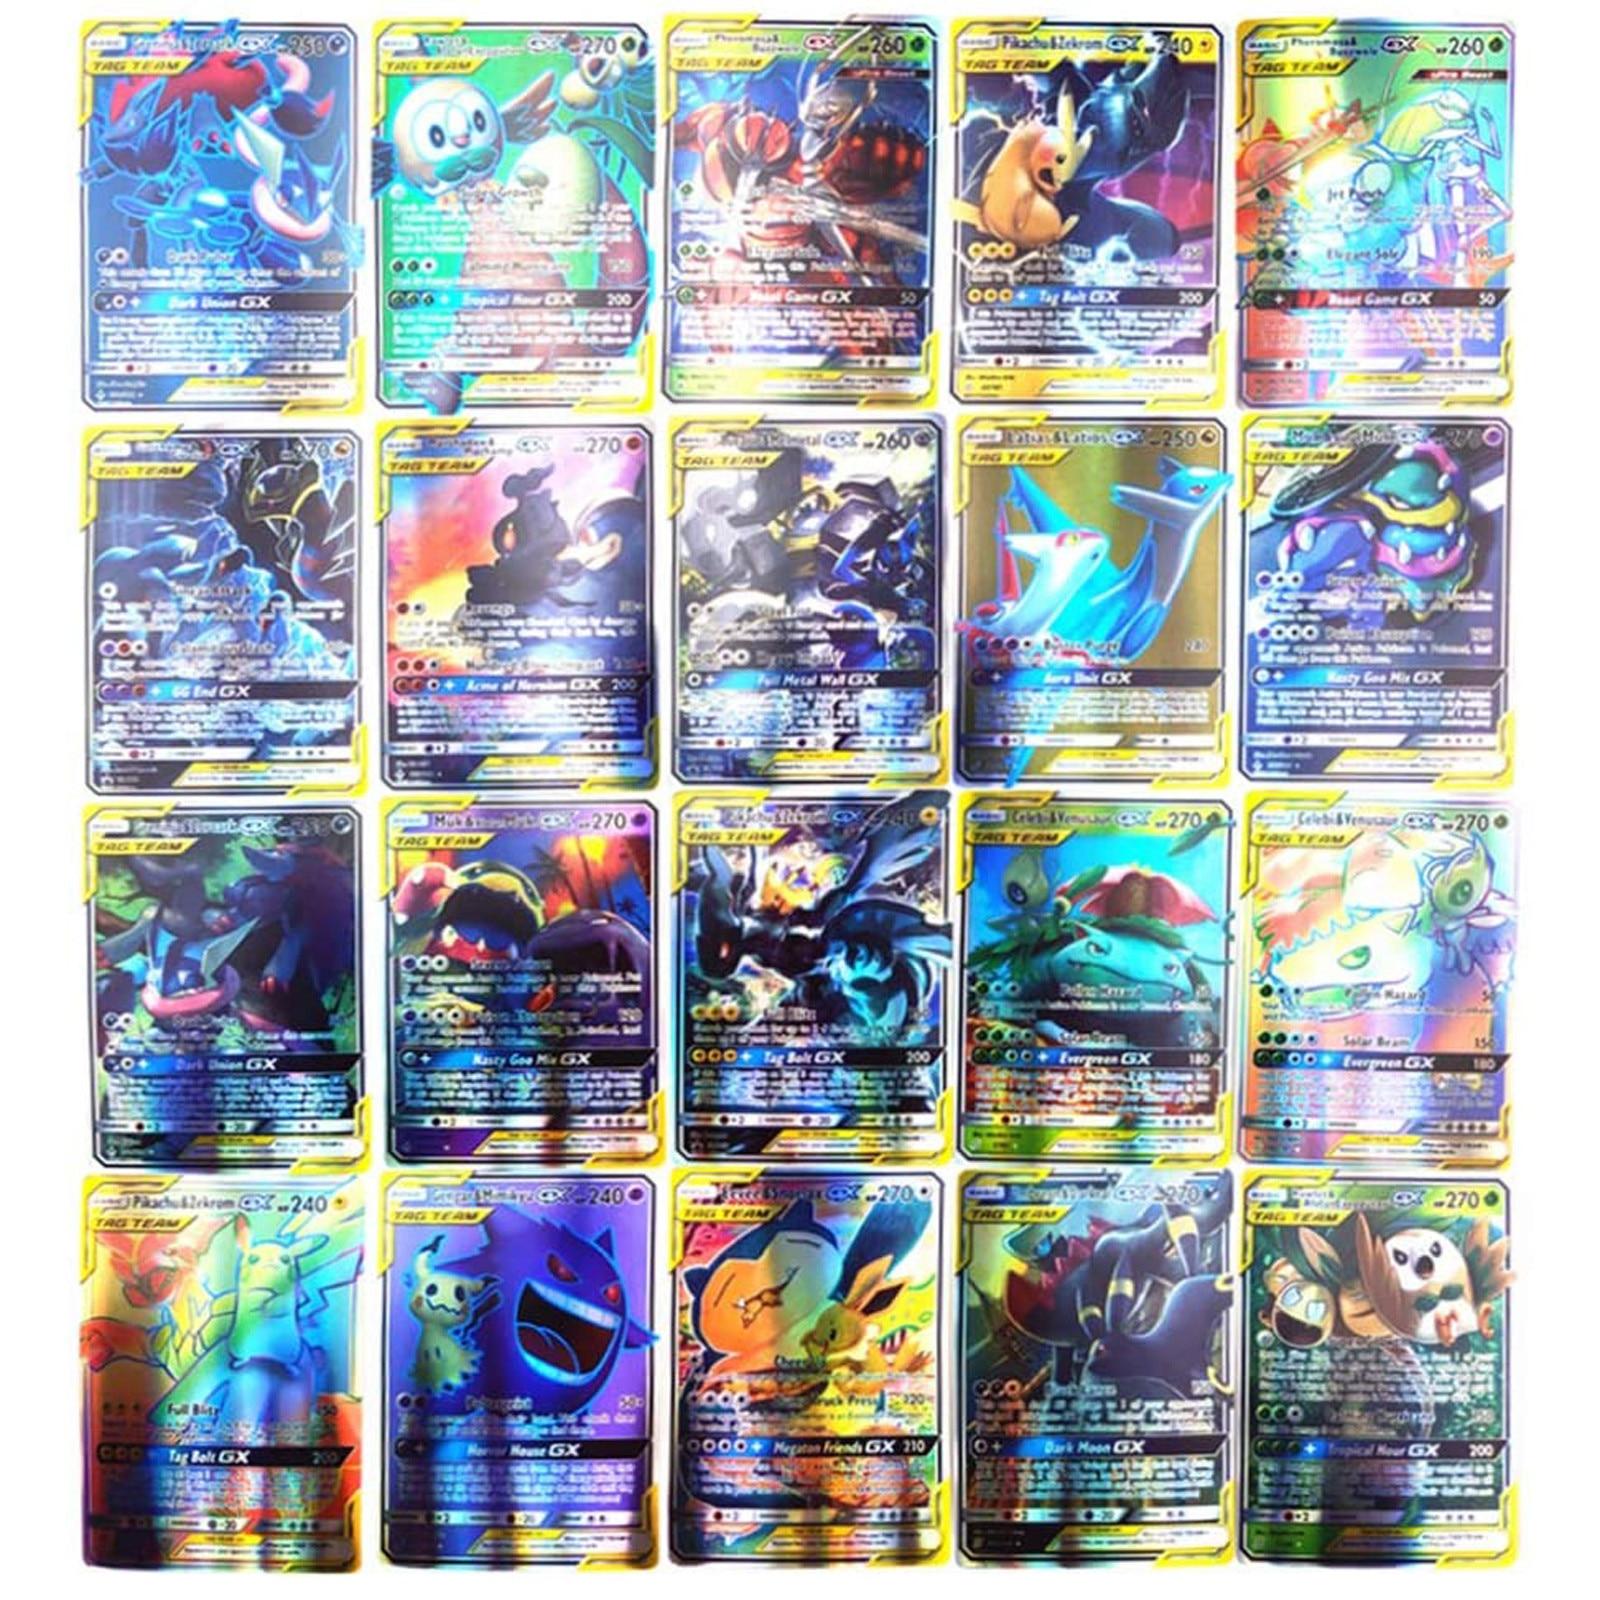 Набор-карт-pokemon-150-шт-в-том-числе-команда-80tag-40-Мега-20ultra-gx-1-тренировочные-Сияющие-карты-pokemon-booster-box-collection-3